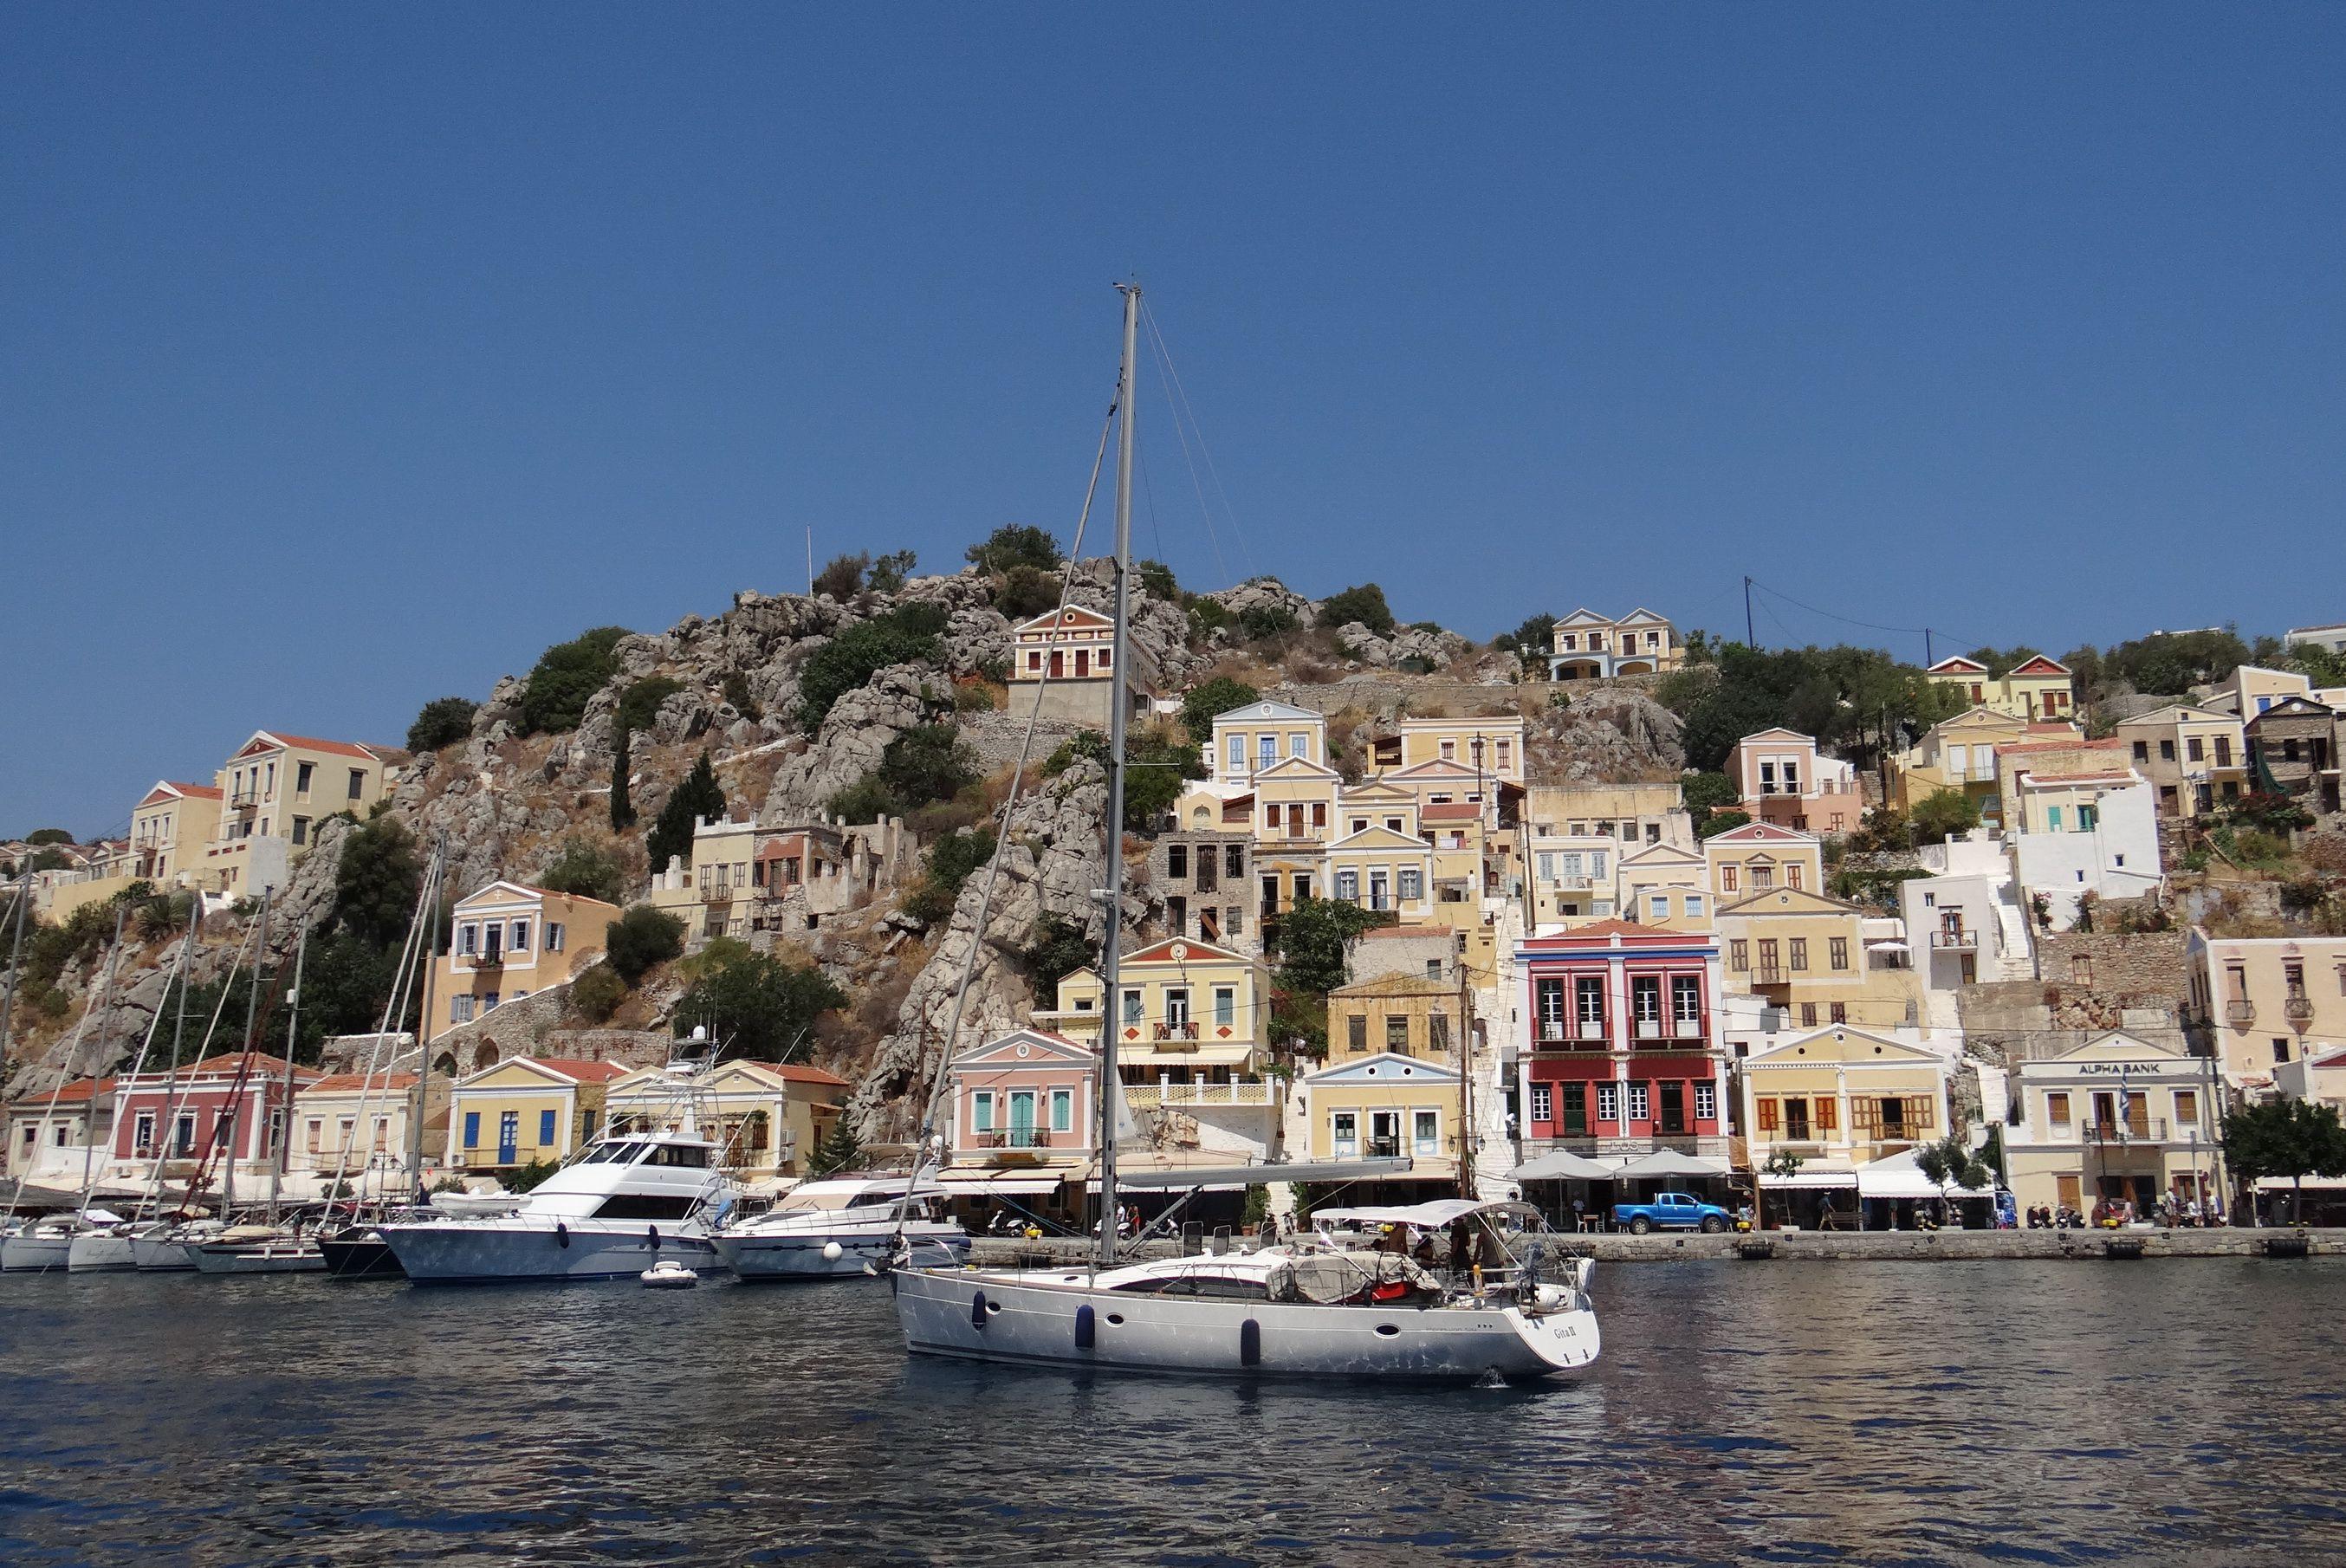 Simi (or Symi) - Greek island in the Aegean Sea